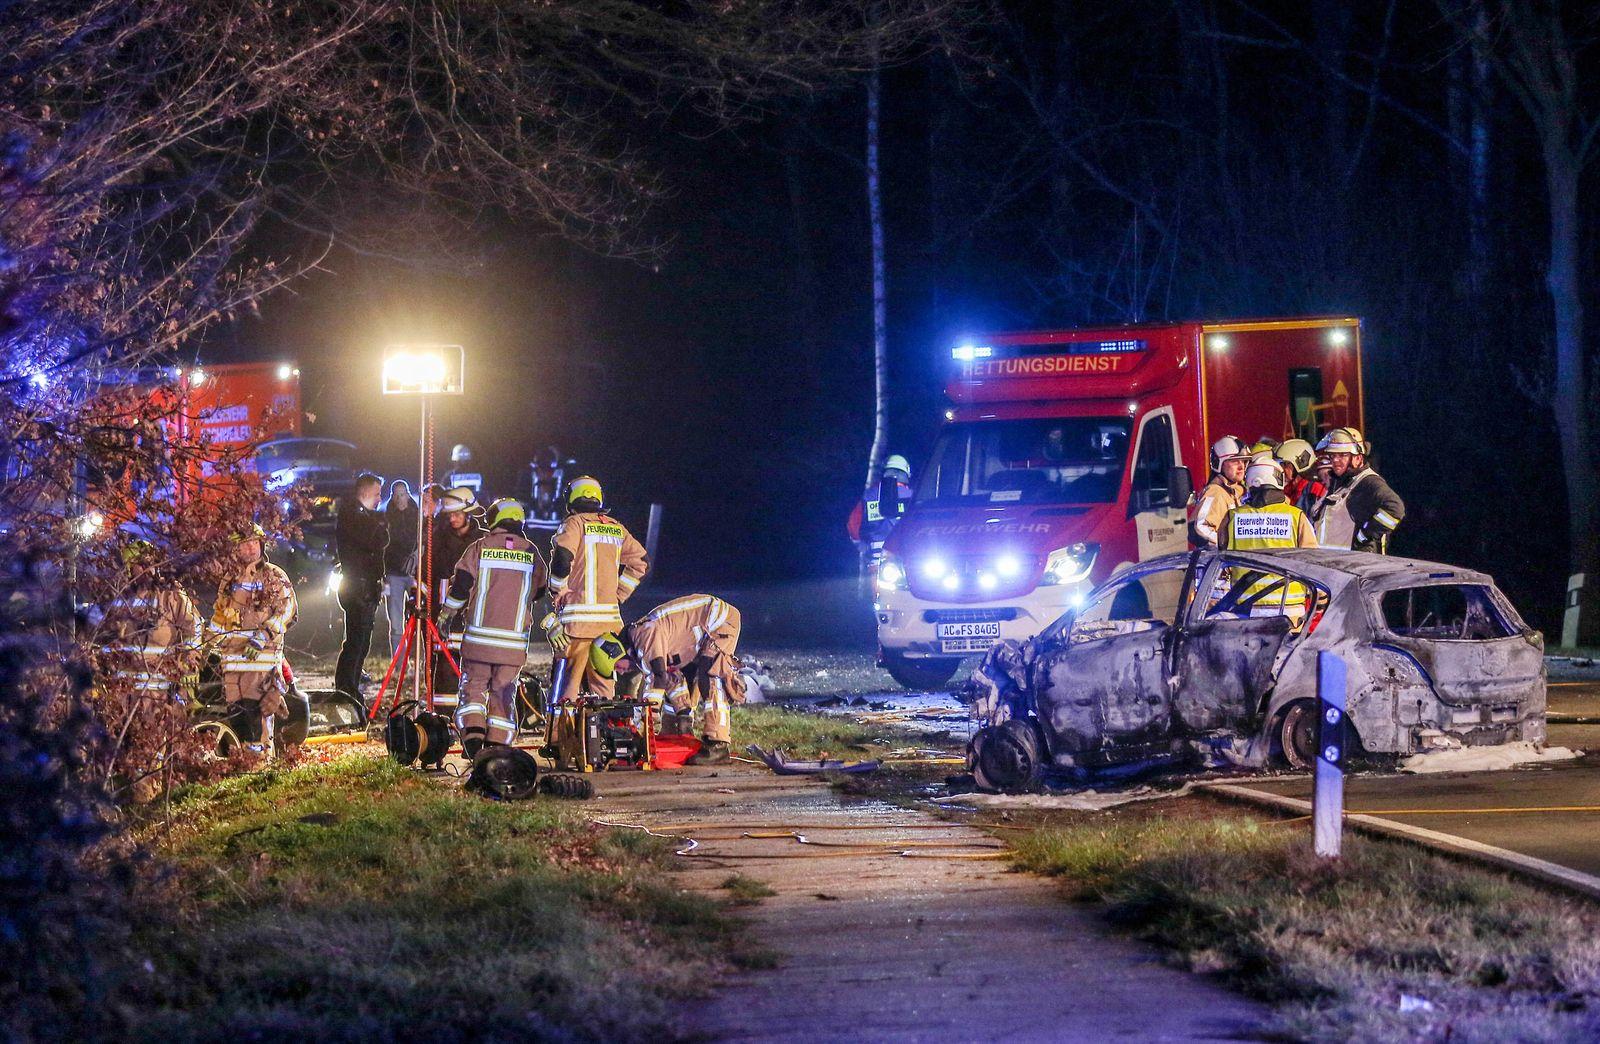 Unfall mit fünf Toten in Stolberg - Prozess beginnt